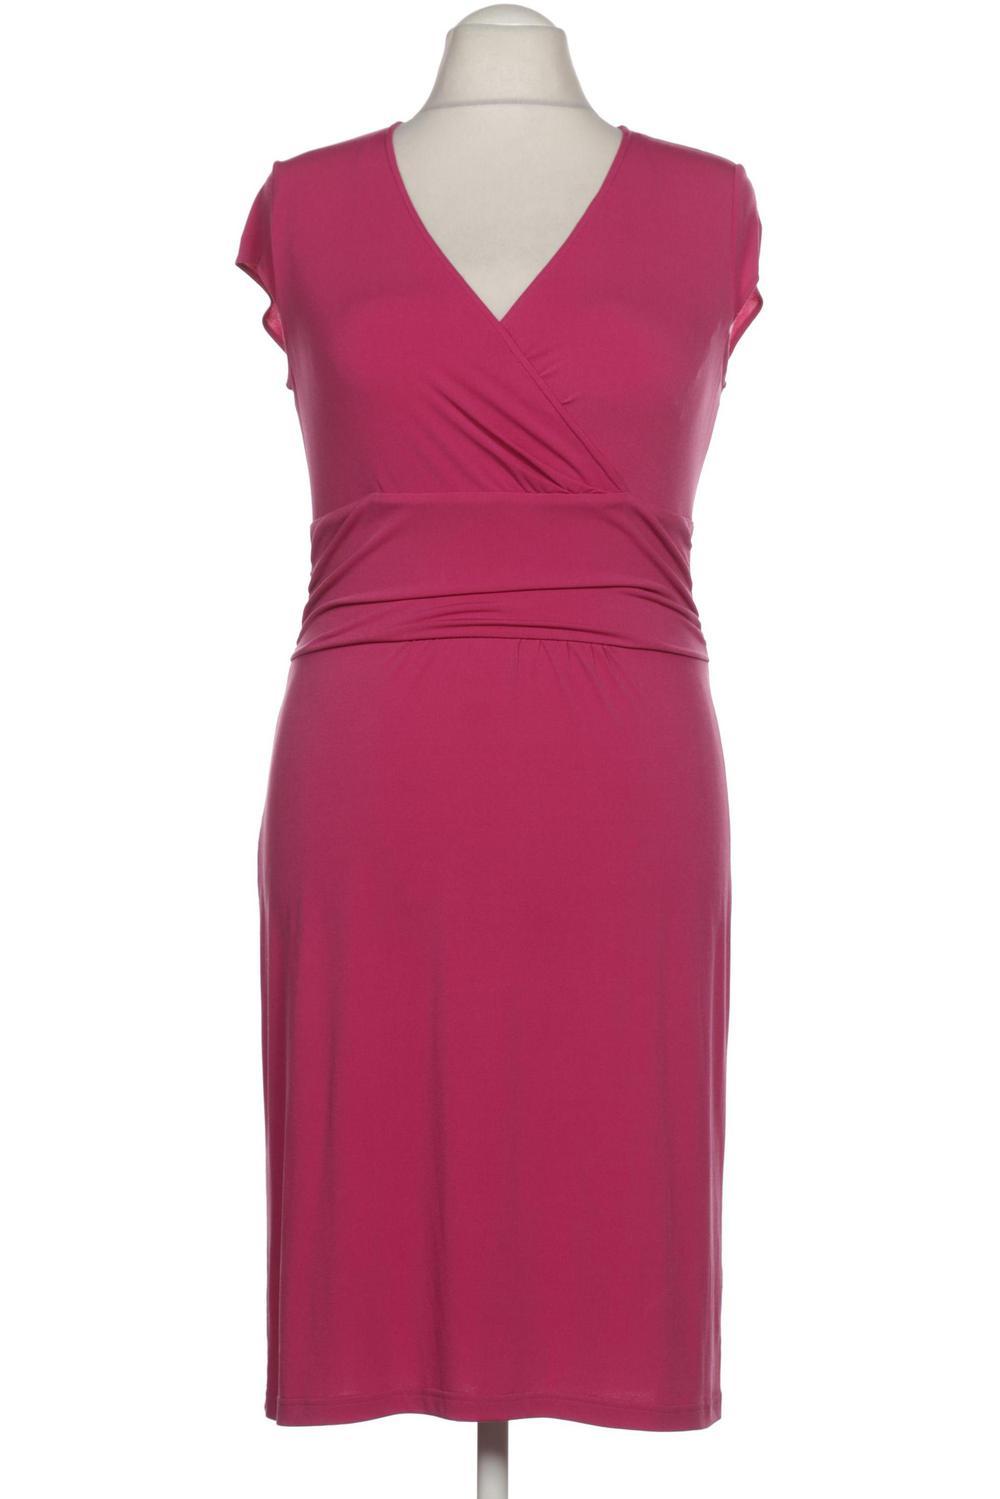 details zu betty barclay kleid damen dress damenkleid gr. m kein etikett  pink #ebac07f